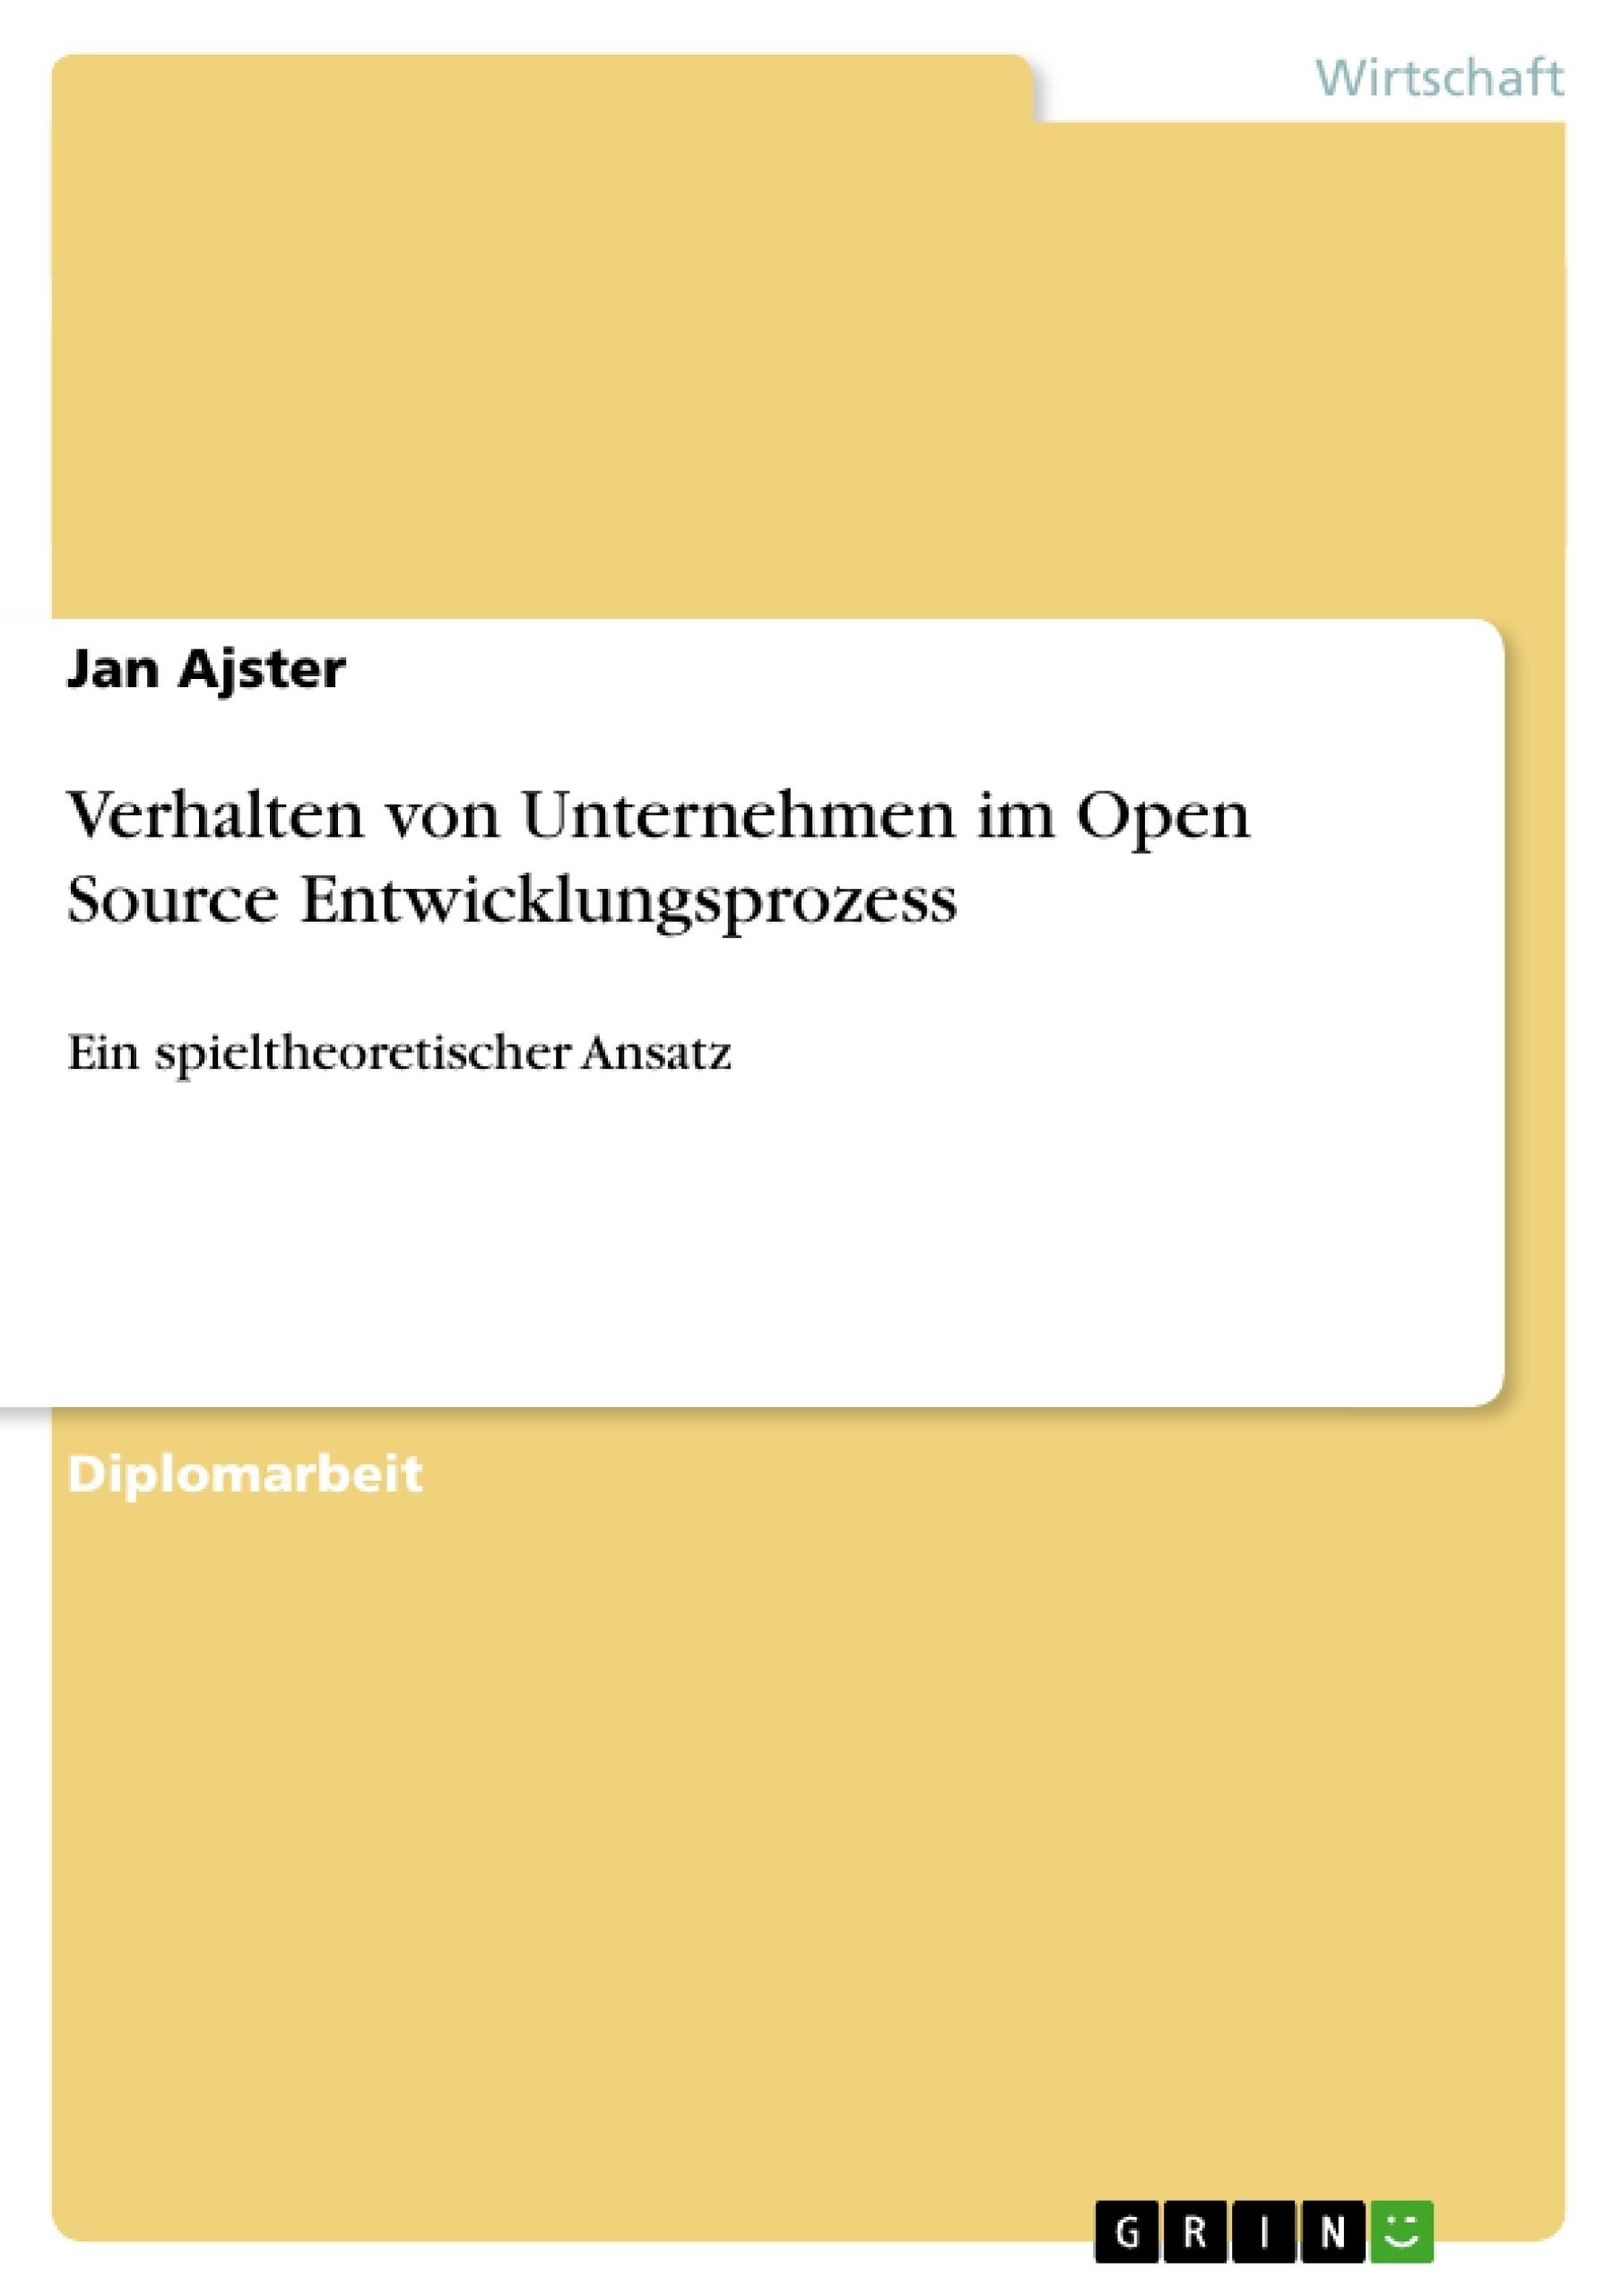 Titel: Verhalten von Unternehmen im Open Source Entwicklungsprozess